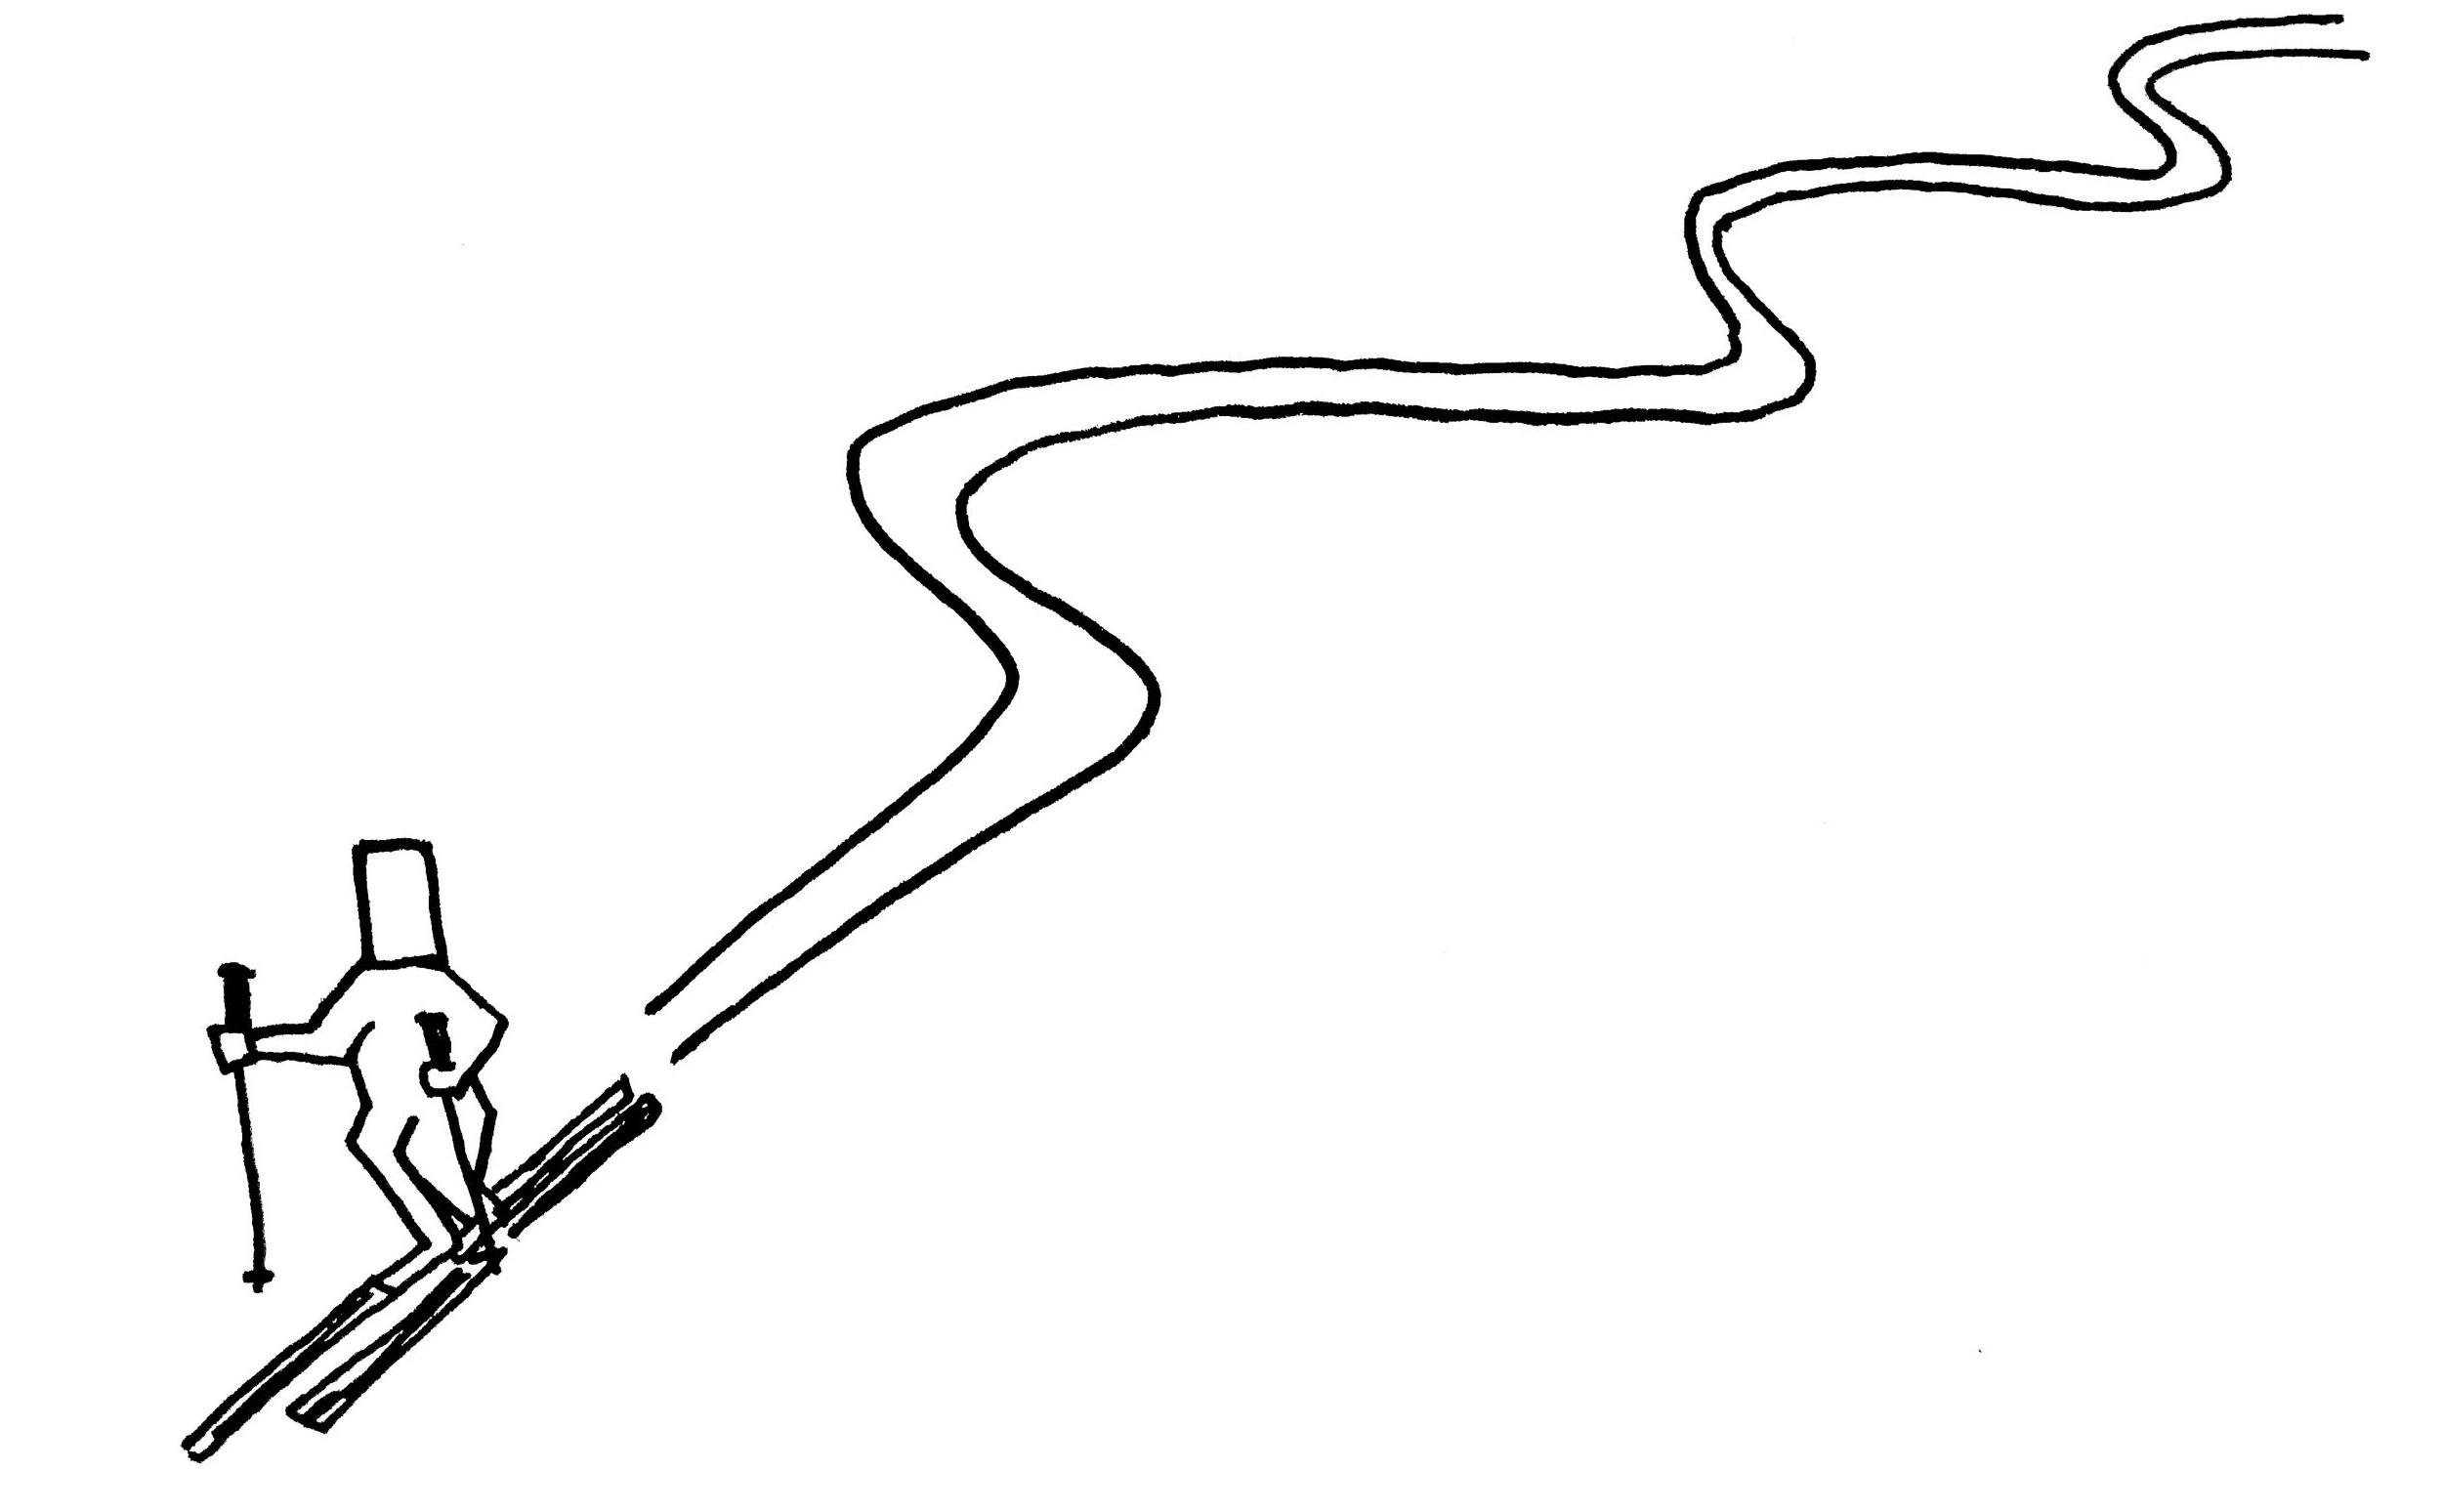 Stick-ski.jpg